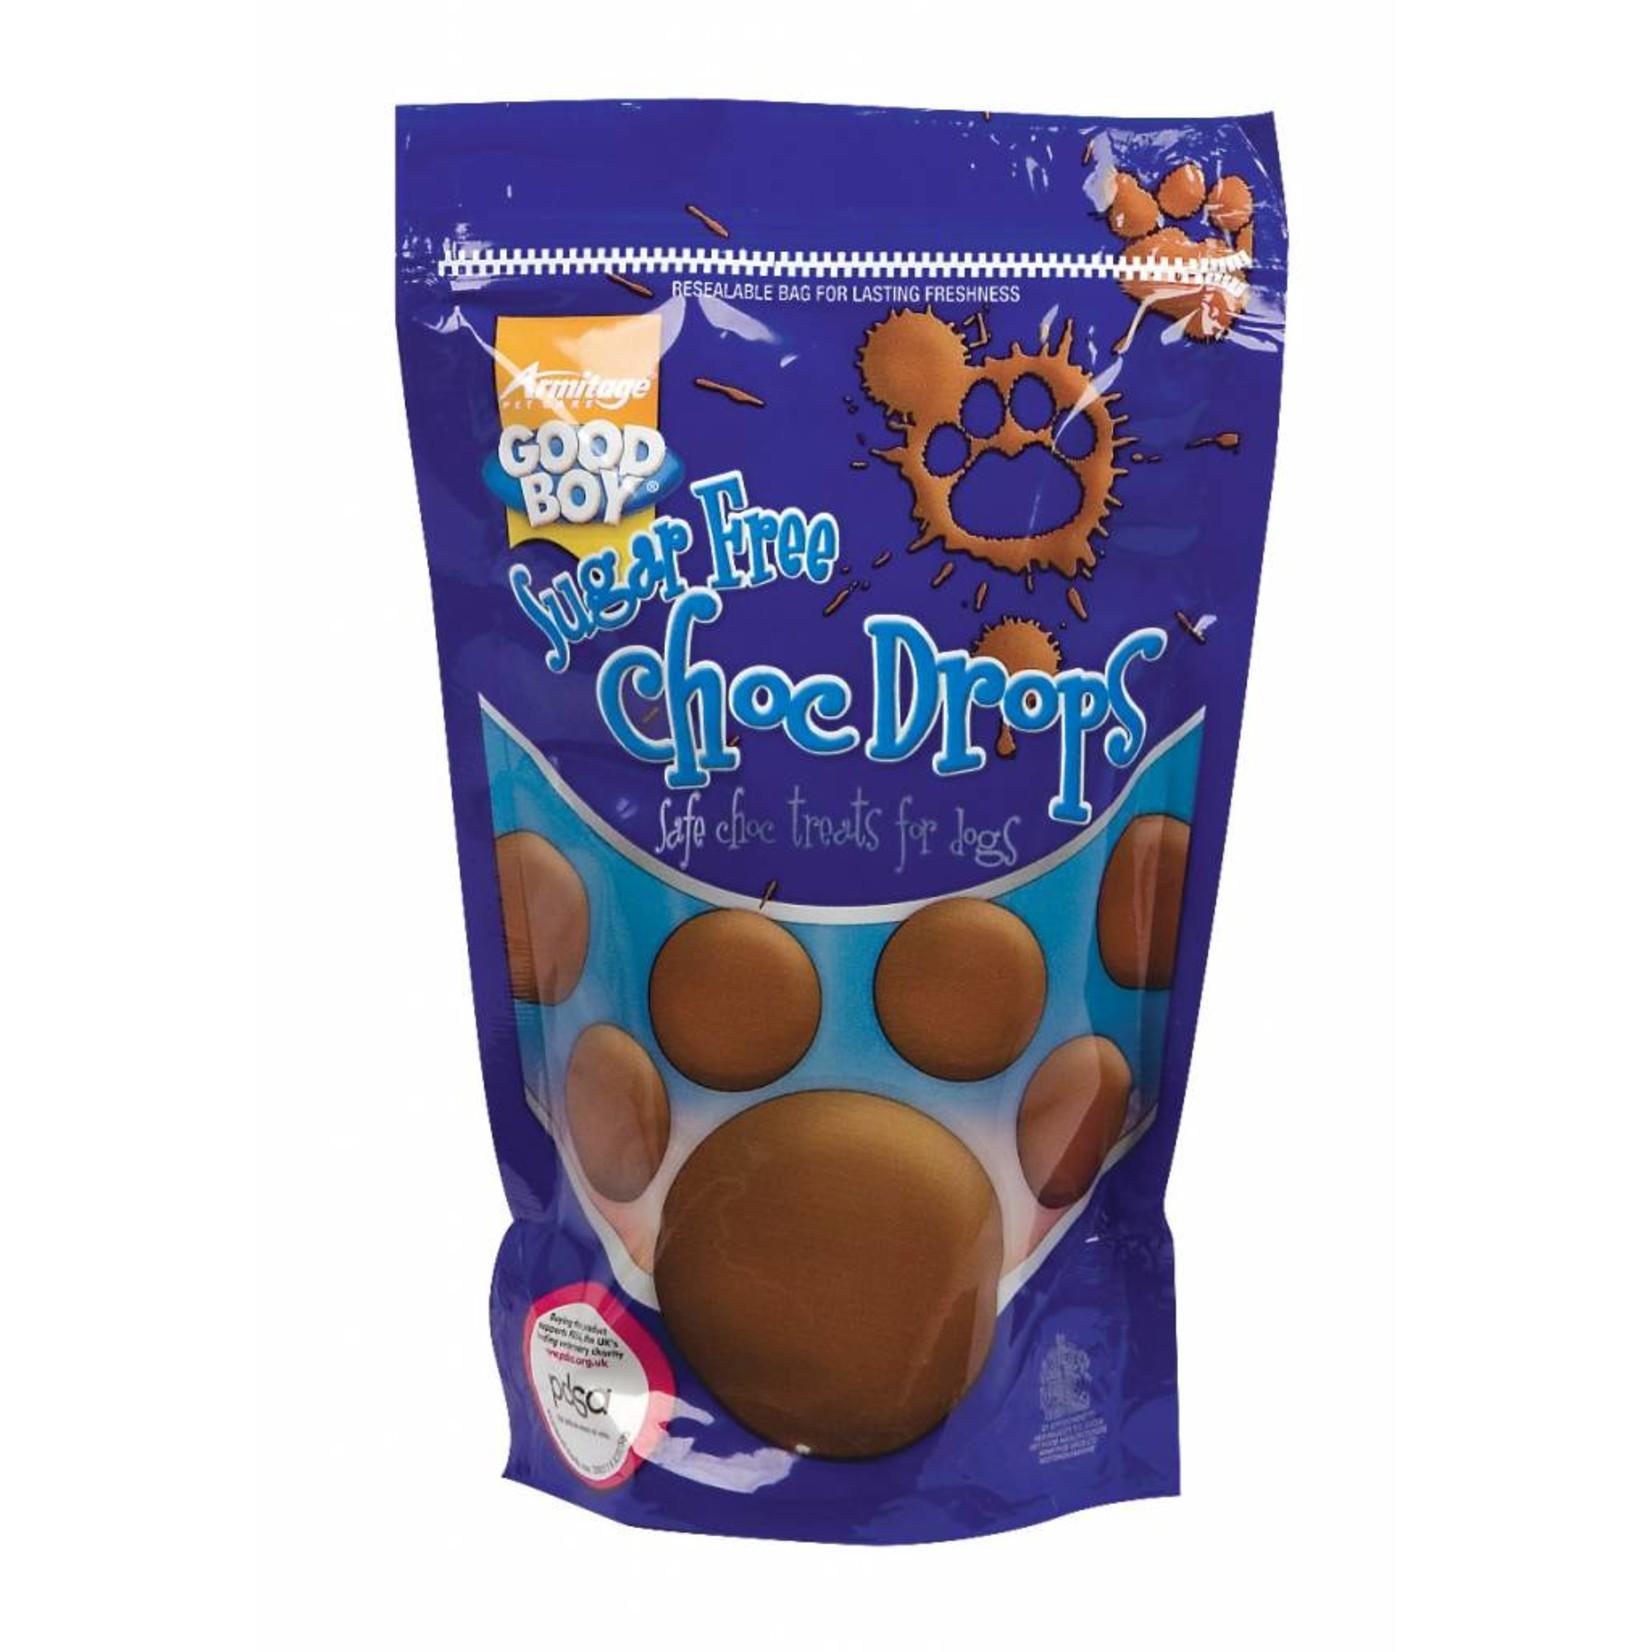 Good Boy Sugar Free Choc Drop Dog Treats, 250g